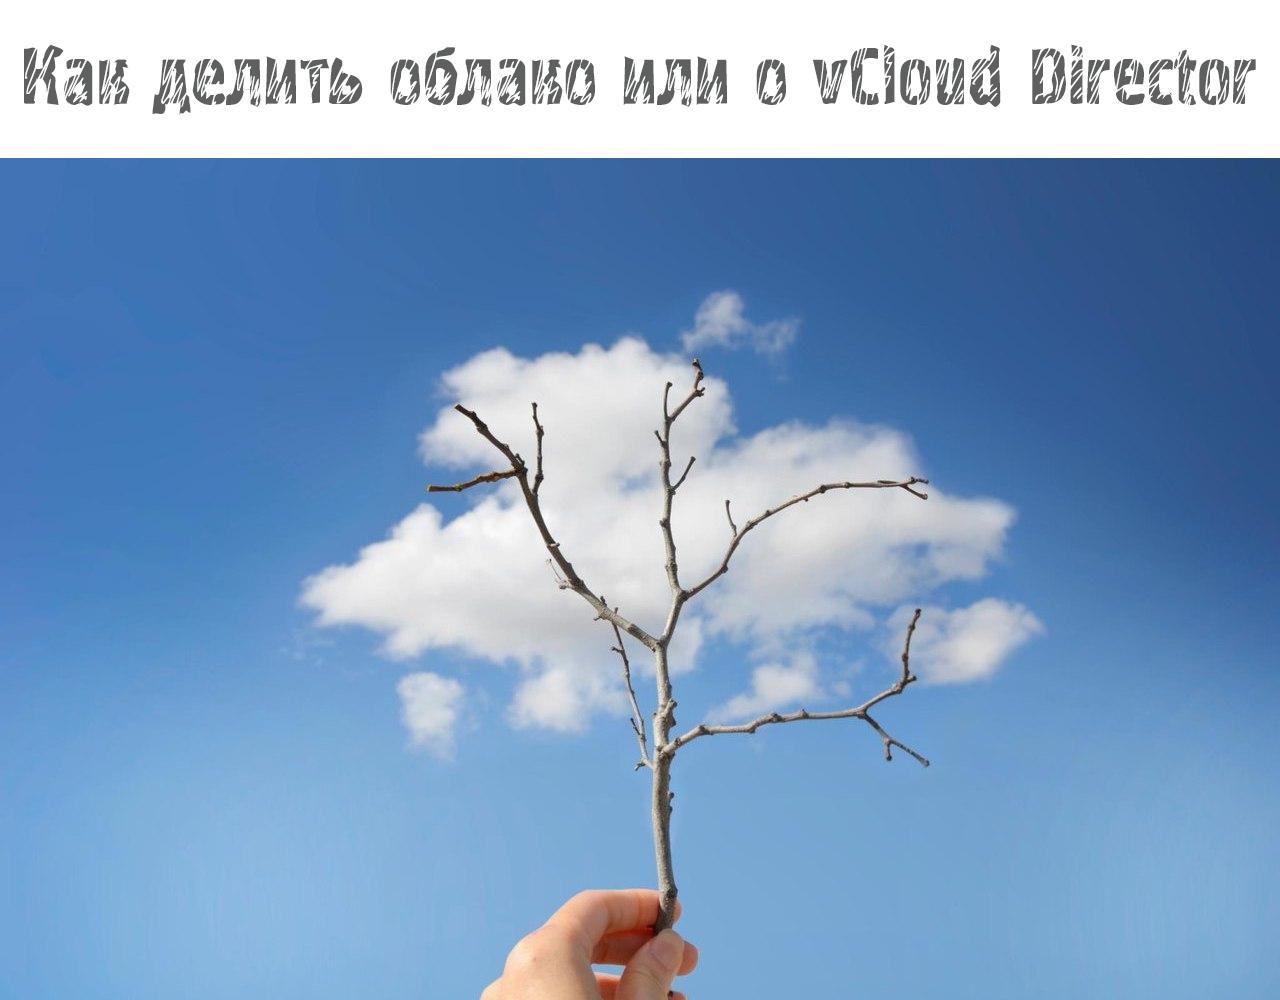 vCloud Director